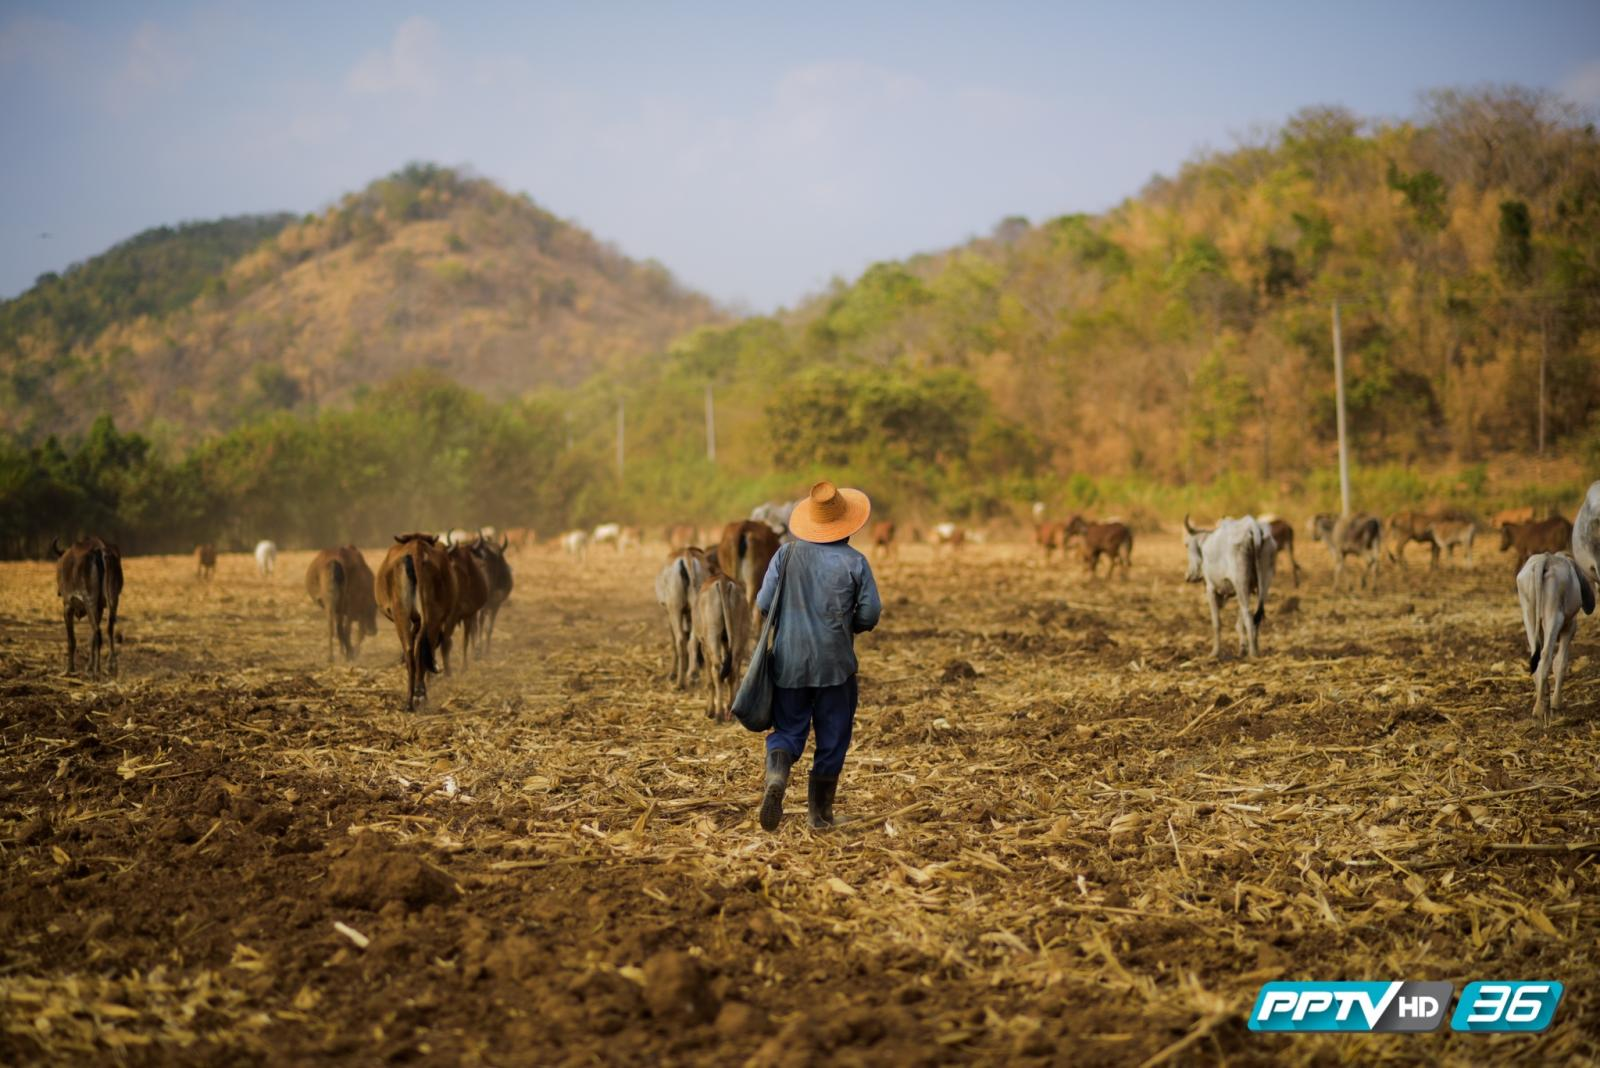 คนเลี้ยงวัว / ภัยแล้ง / สุพรรณบุรี